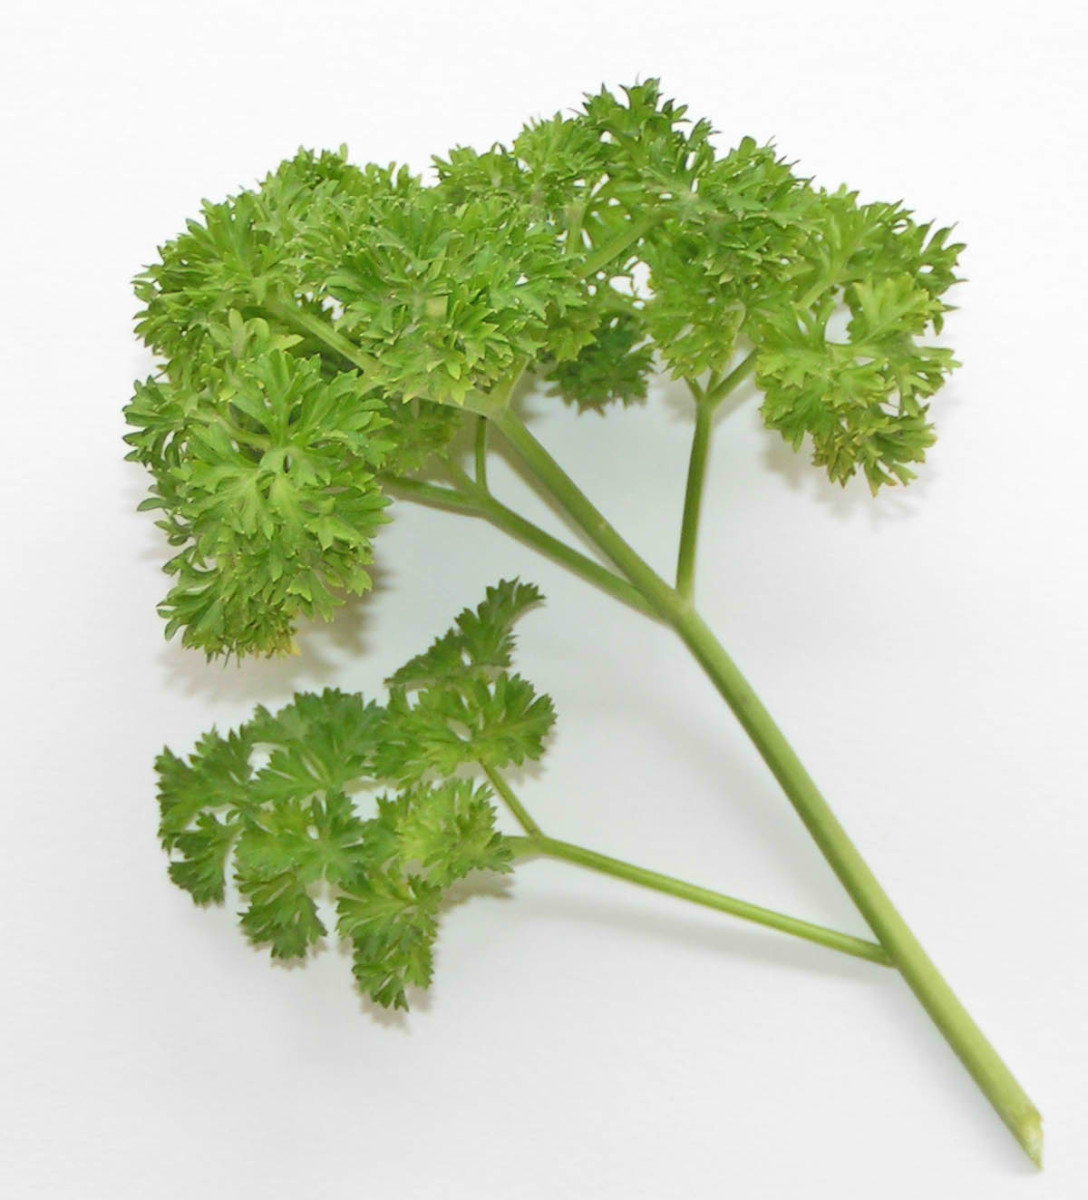 Curly-Leaf Parsley